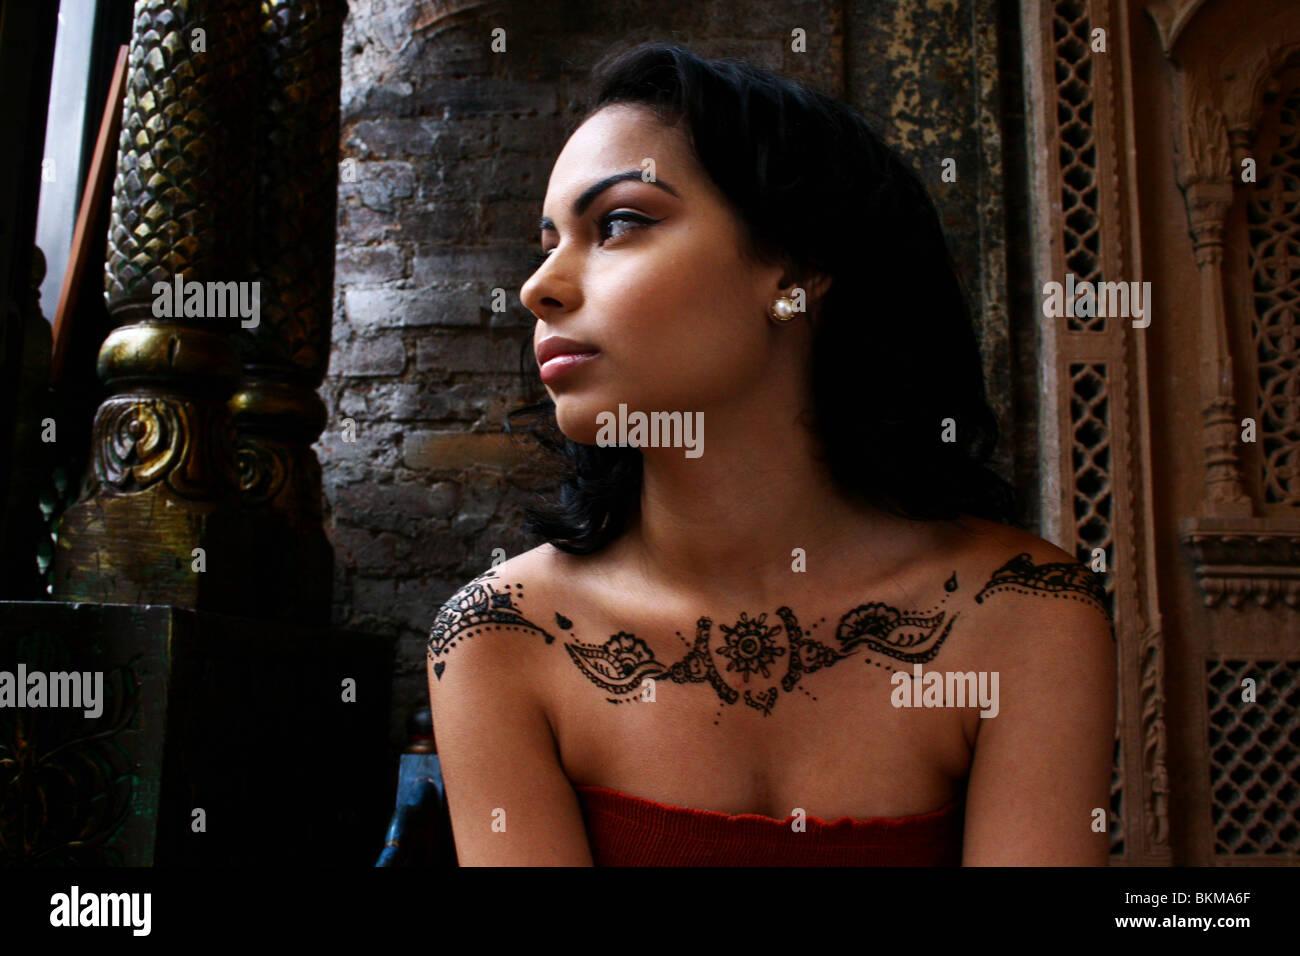 Porträt von Frau gemalt mit modernem Henna Design auf ihren Schultern. Stockbild